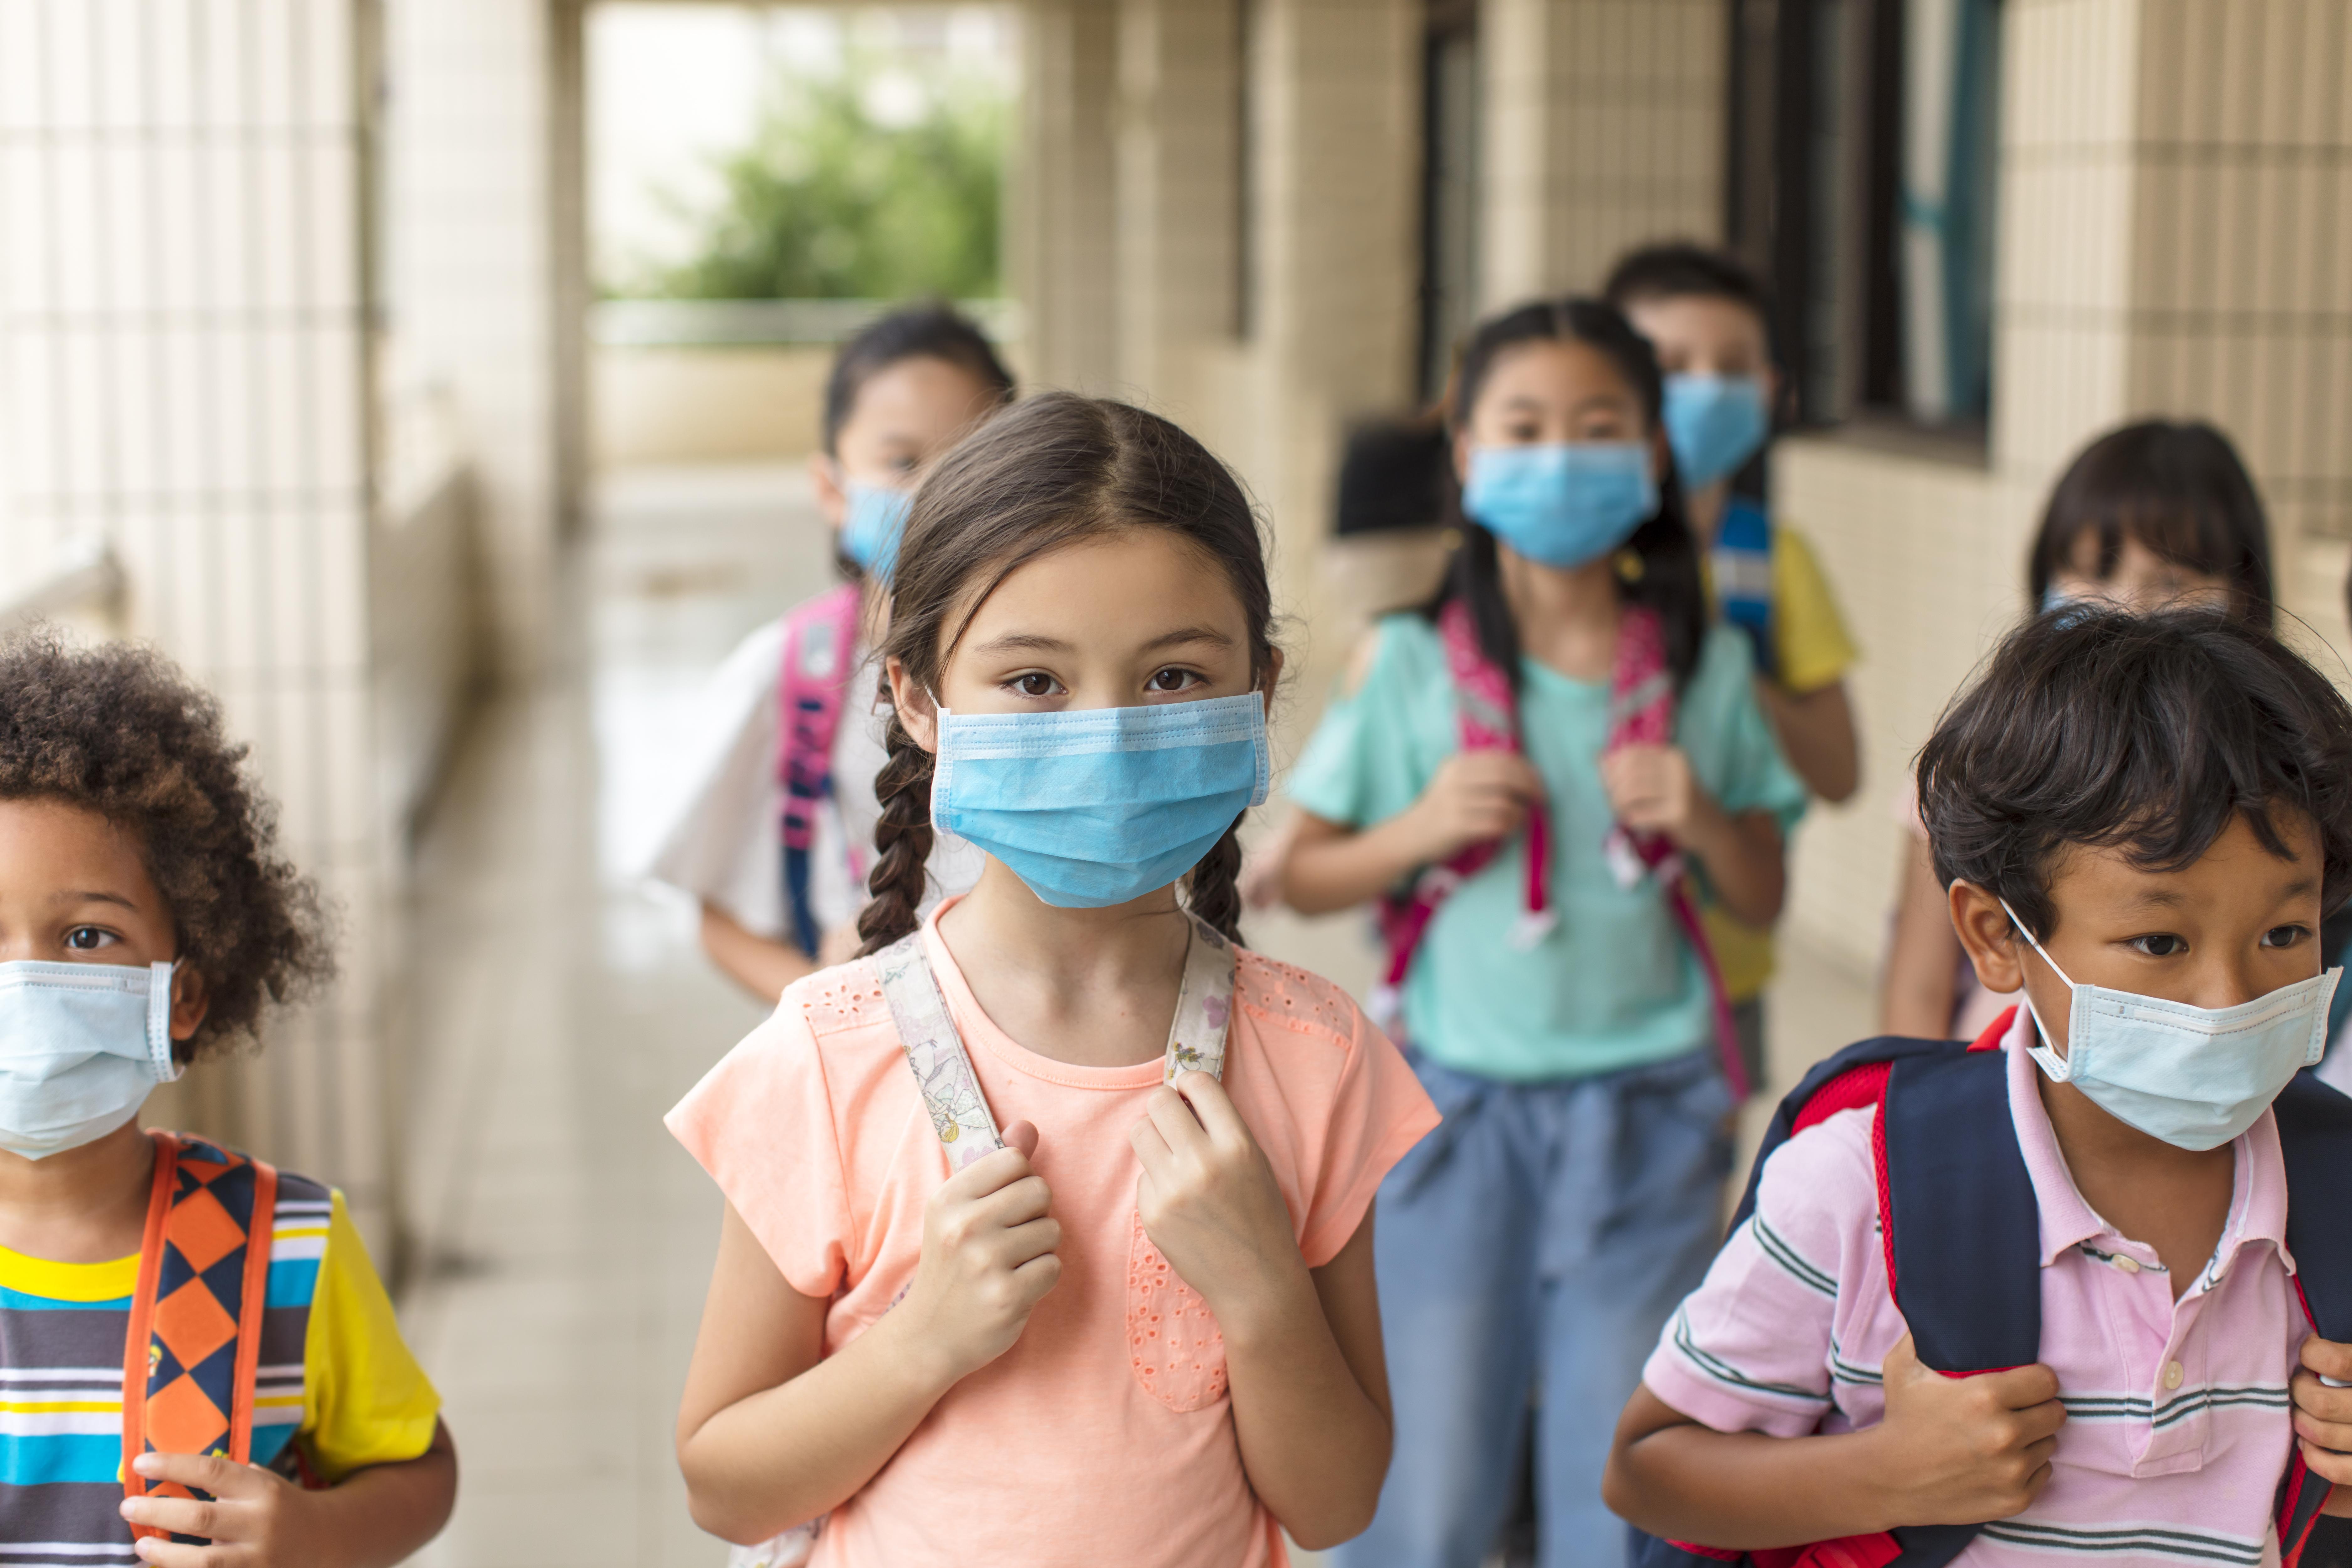 Covid19: Kinder, die mit Maske zur Schule gehen.